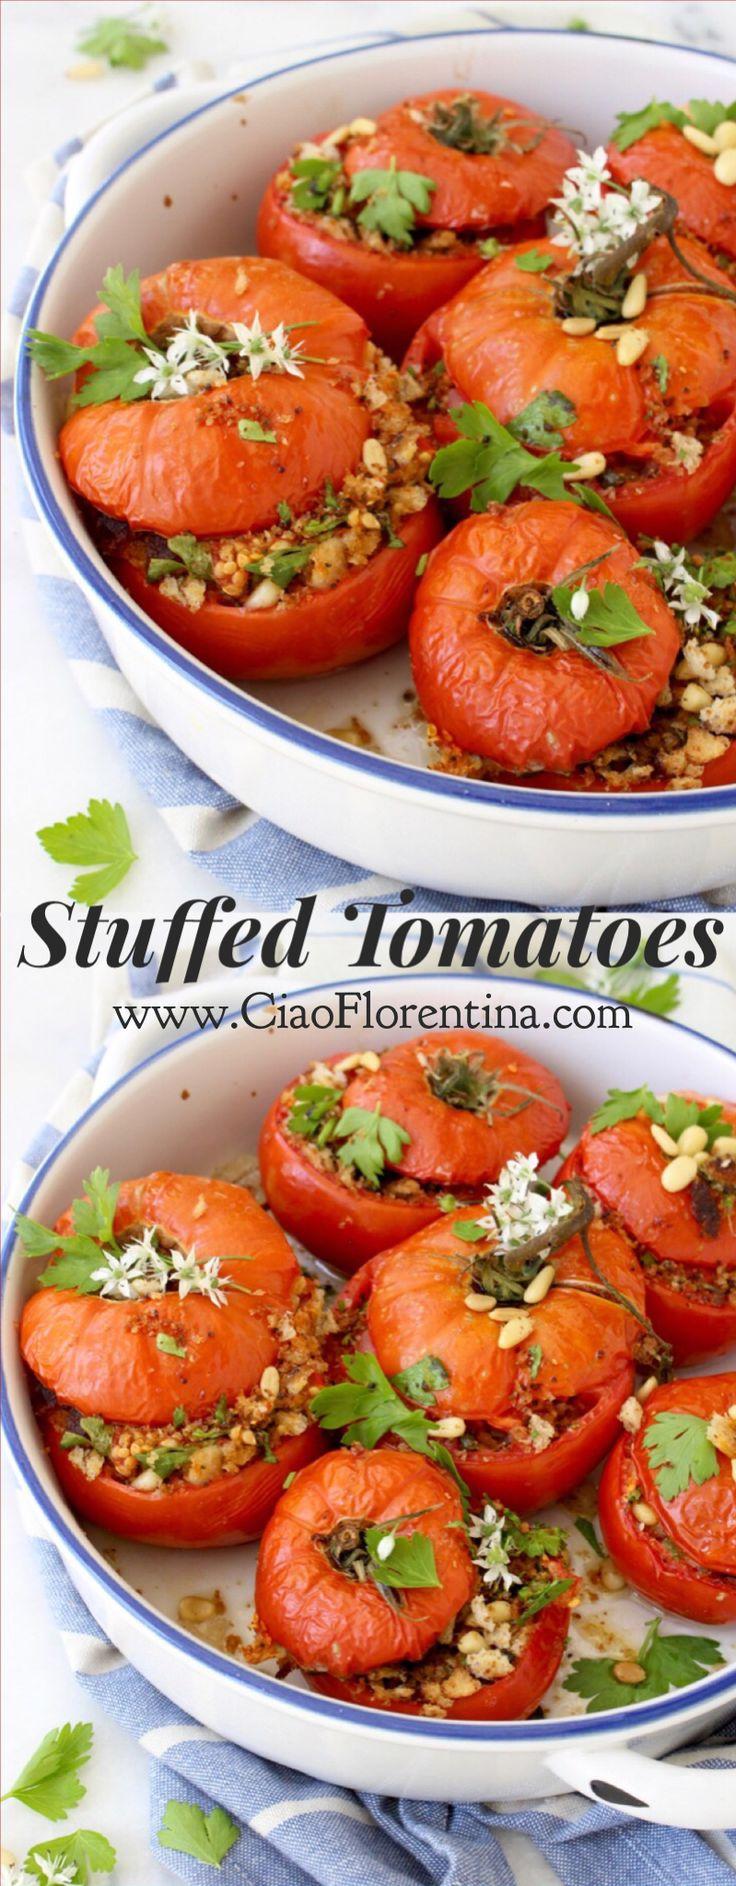 Stuffed Tomatoes Recipe ( Italian)   CiaoFlorentina.com @CiaoFlorentina